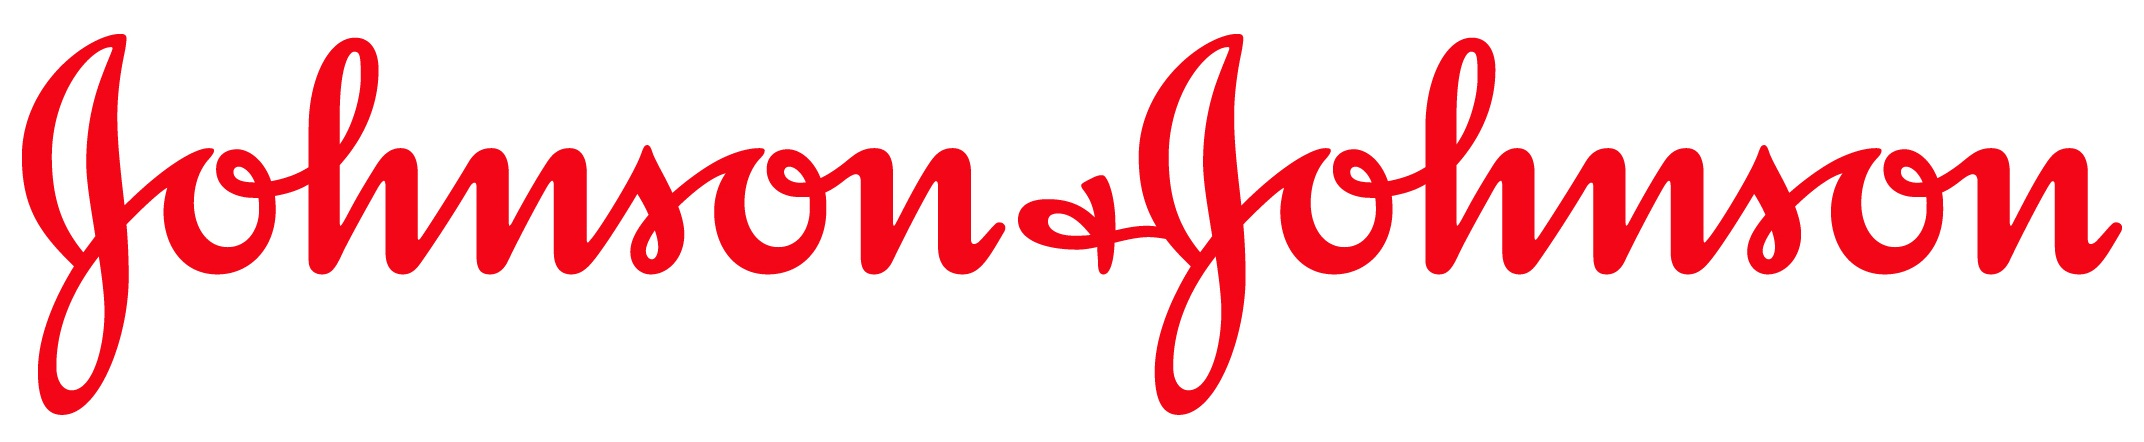 1442327518-j-j-... J Logo Photo